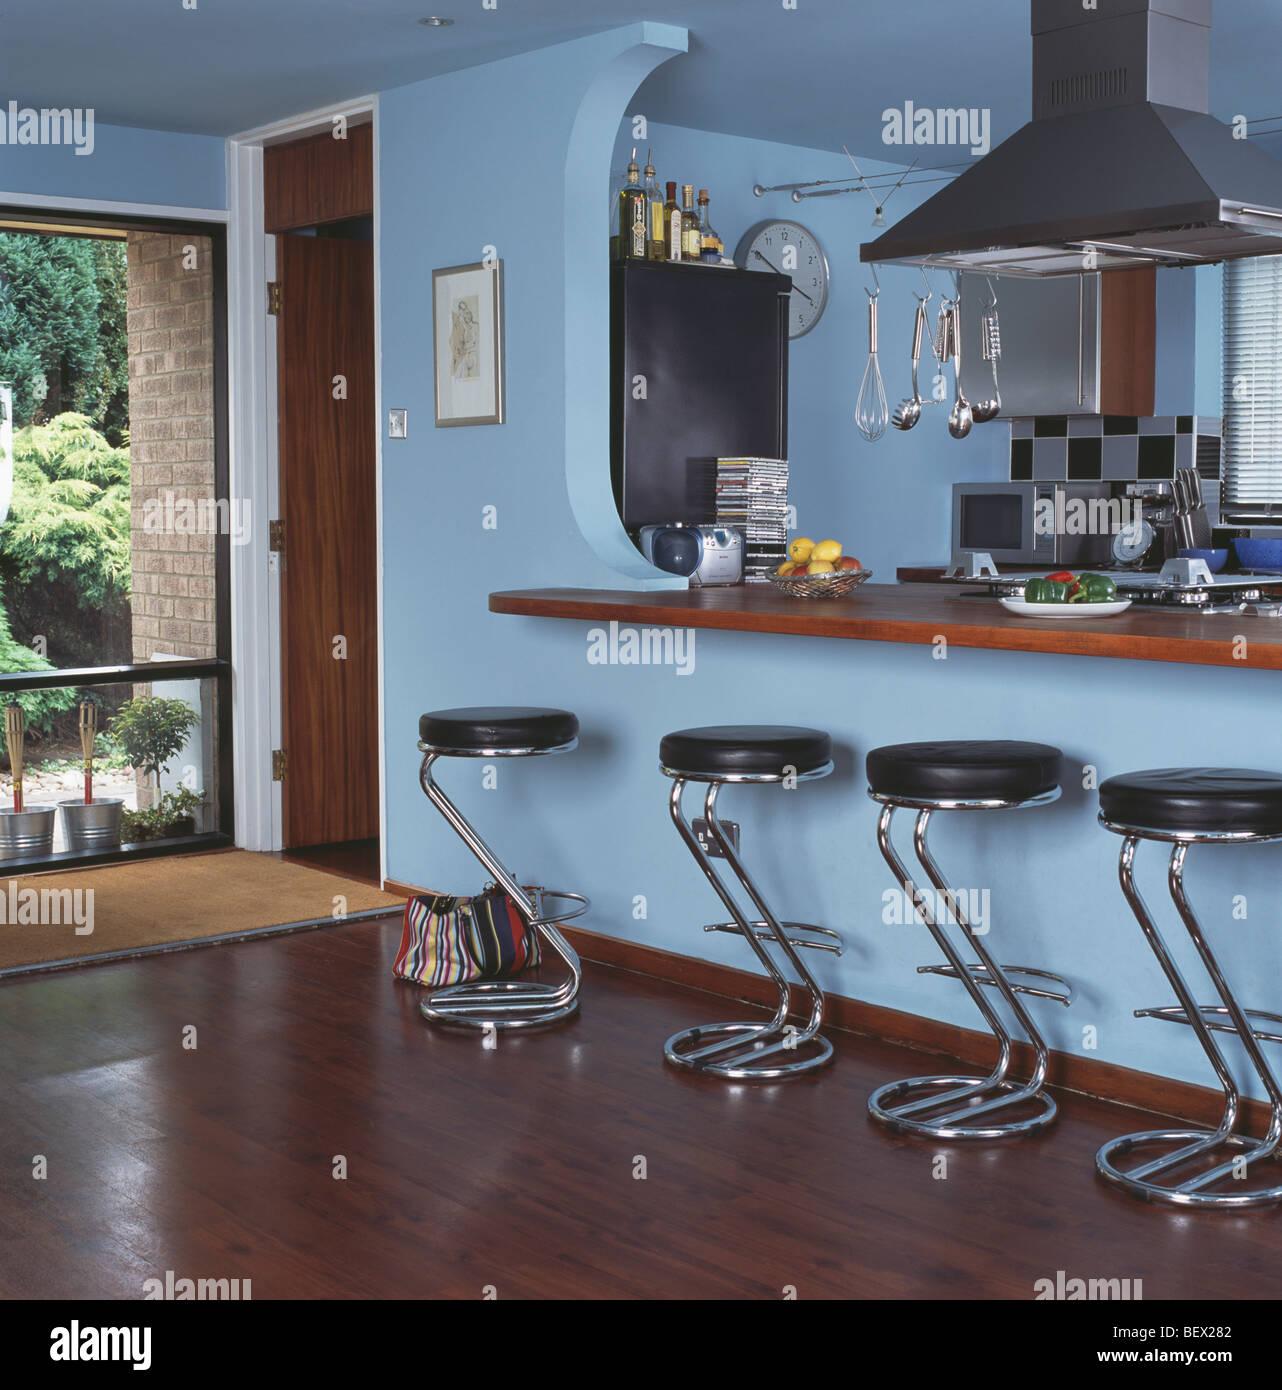 Modern Kitchen Hatches - dipyridamole.us